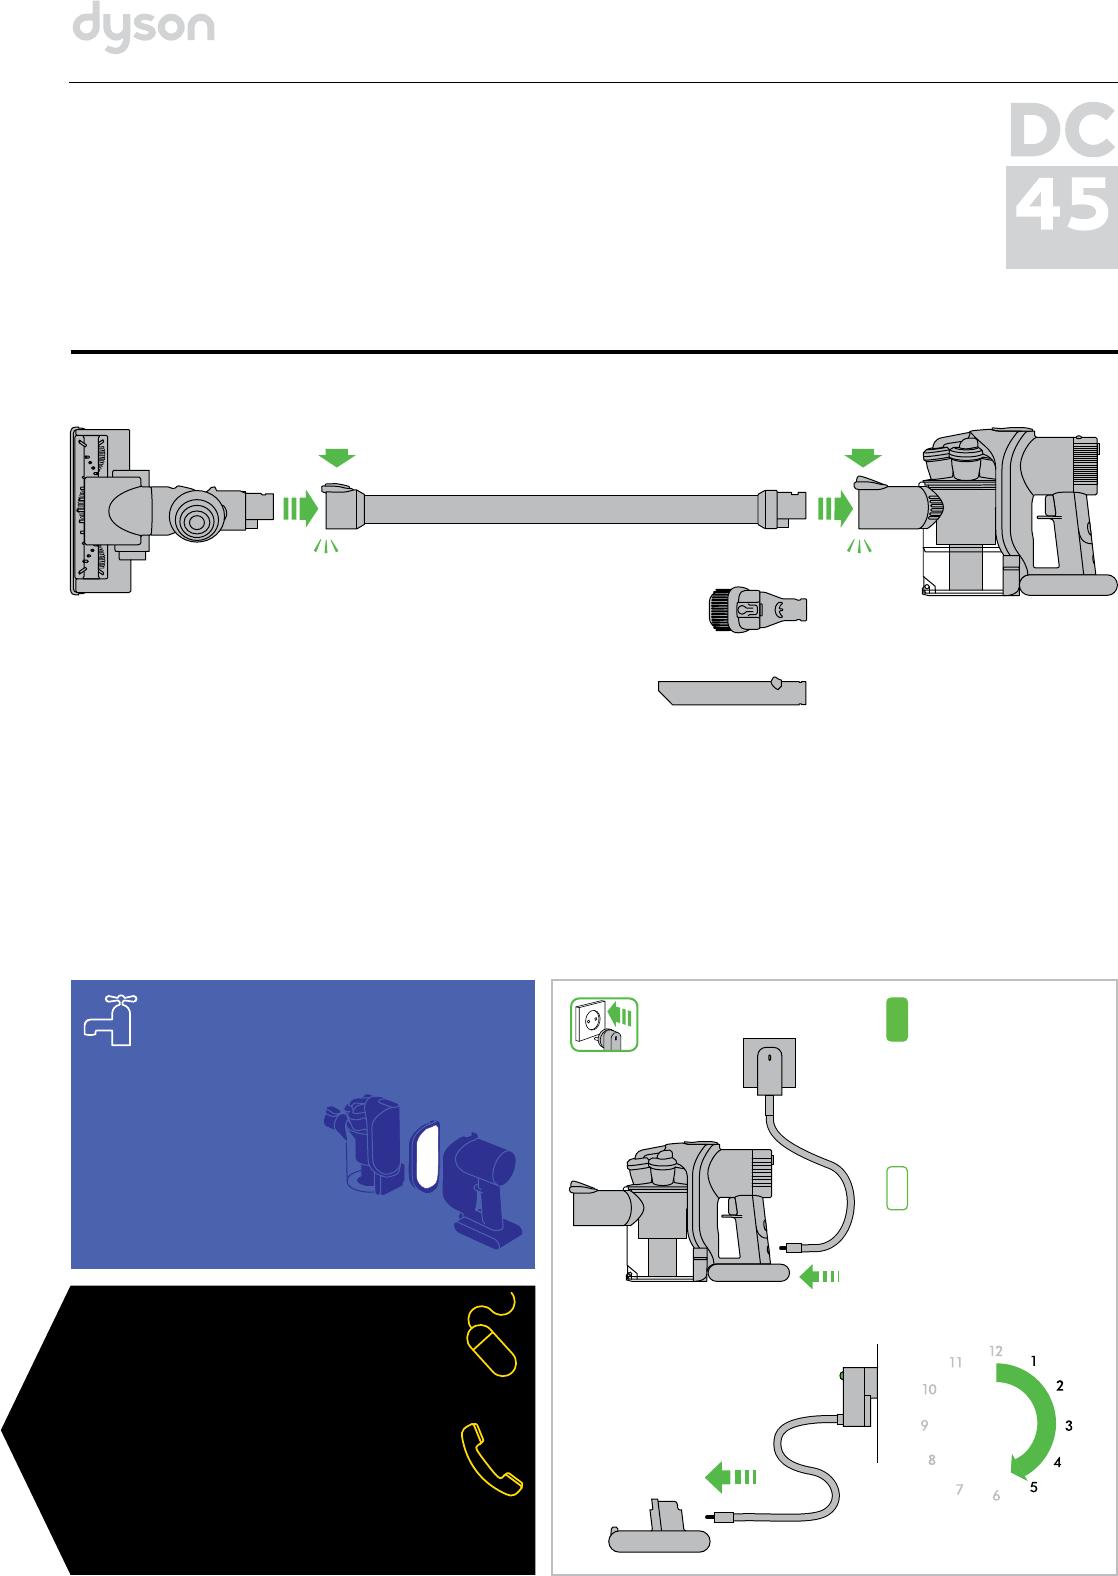 Дайсон дс 45 инструкция комплектующие dyson v6 animal pro